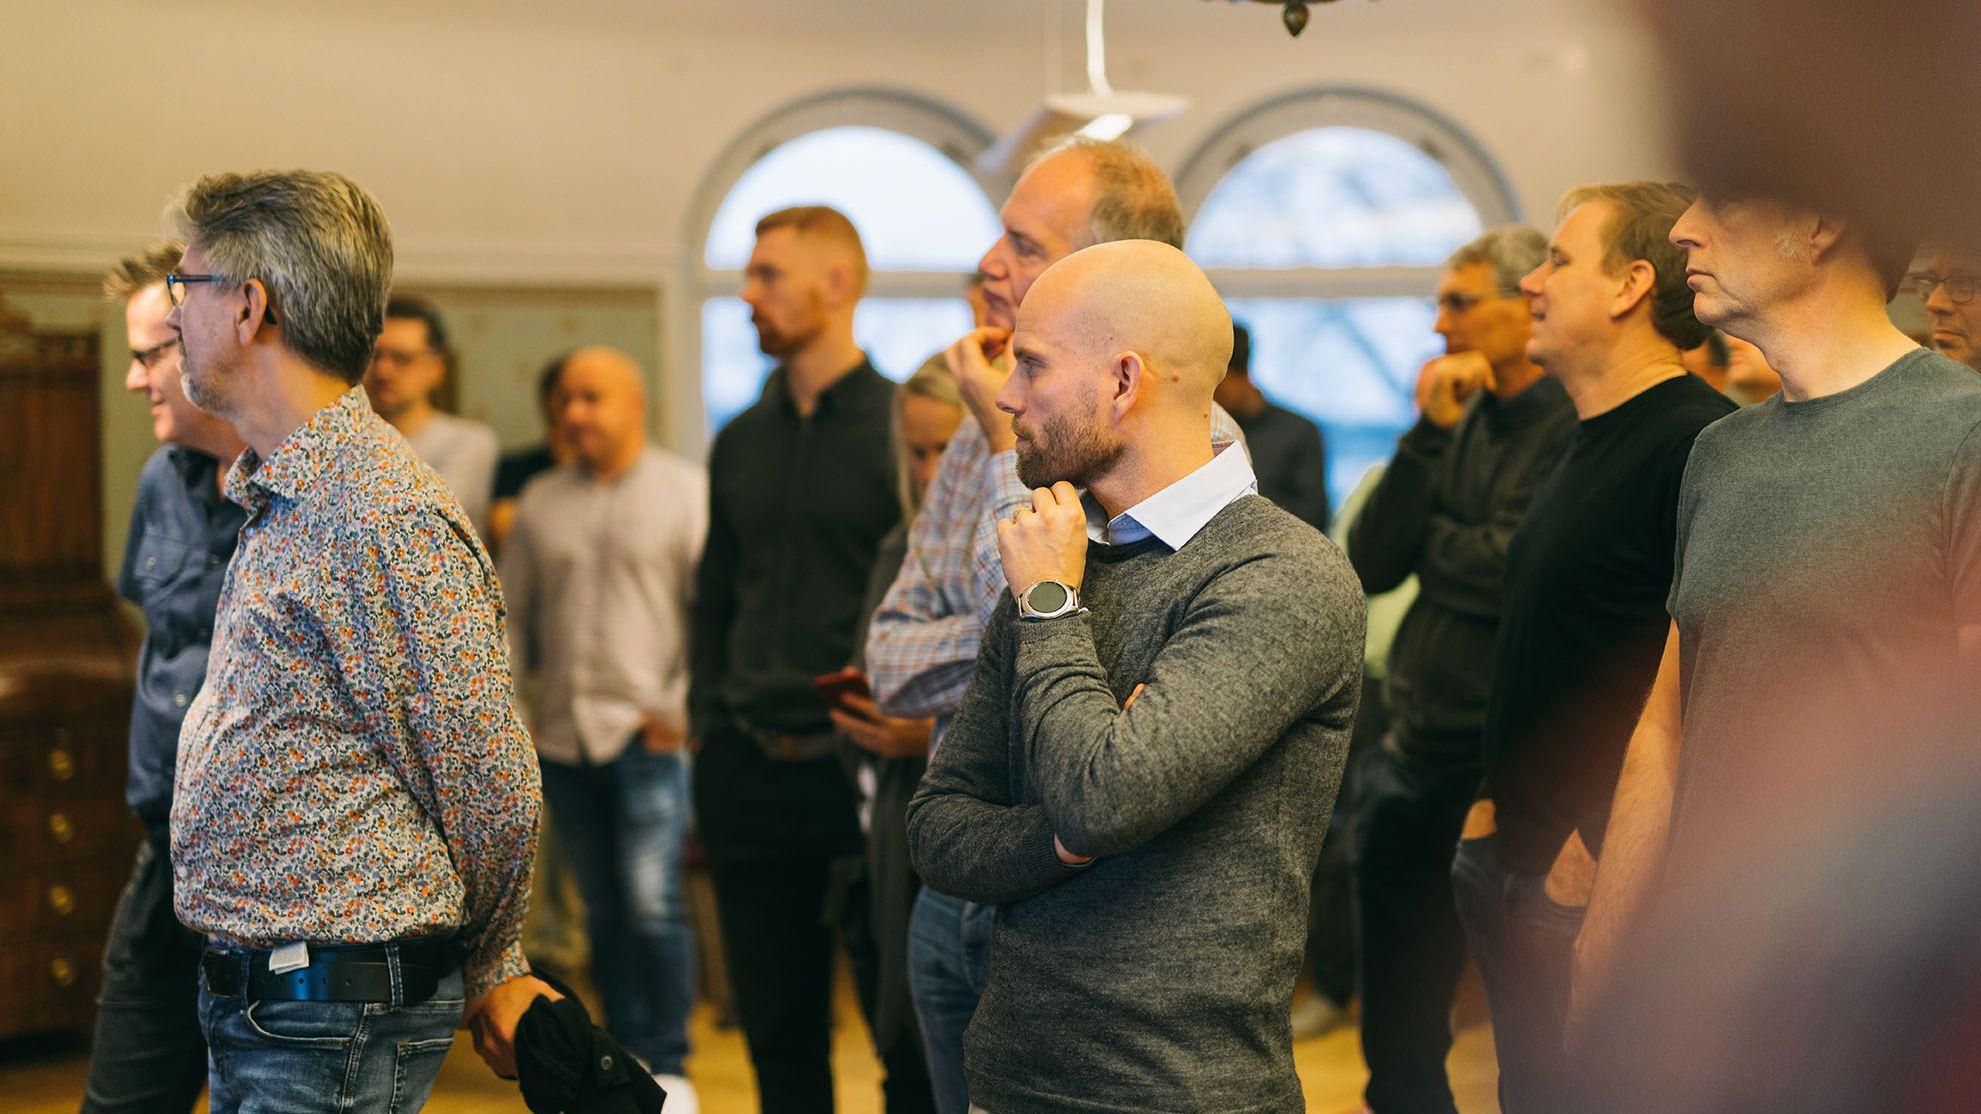 Vi söker systemutvecklare som vill ha vassa kollegor (Nyköping)